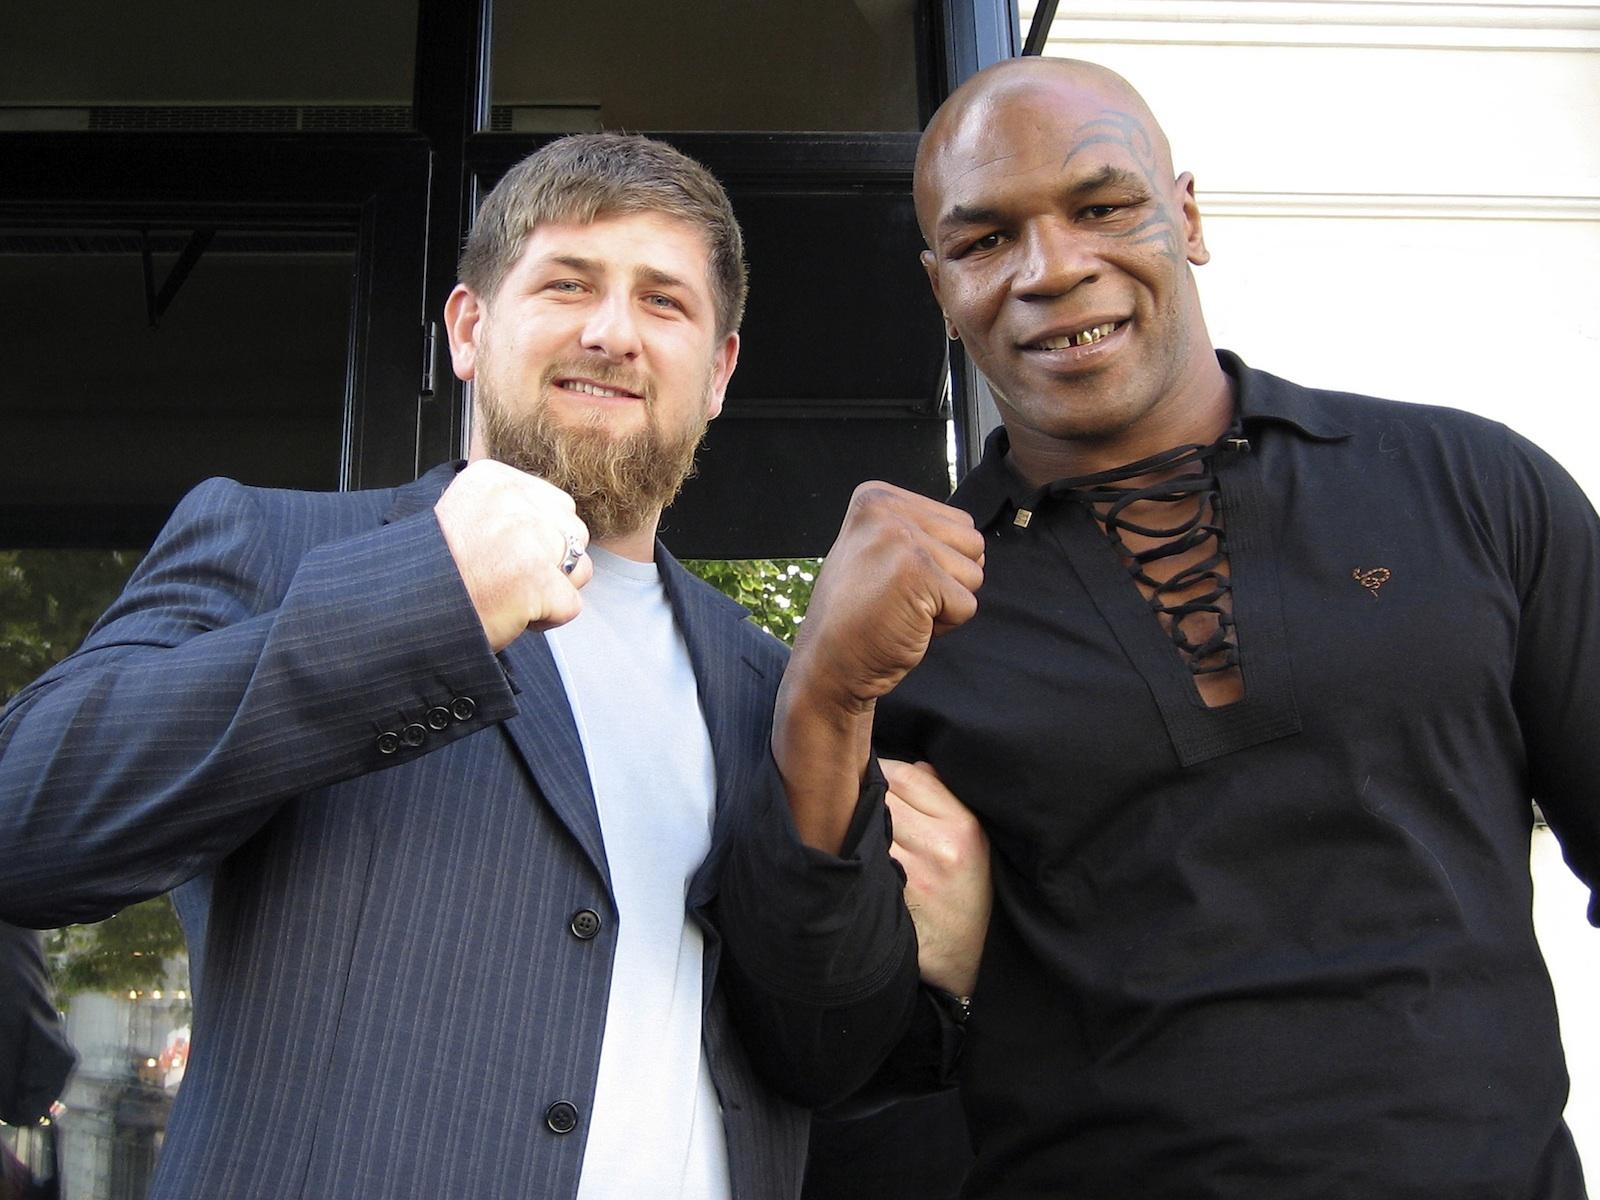 Рамзан Кадыров: если на Олимпиаде будут судьи продажные, то их надо назвать козлами